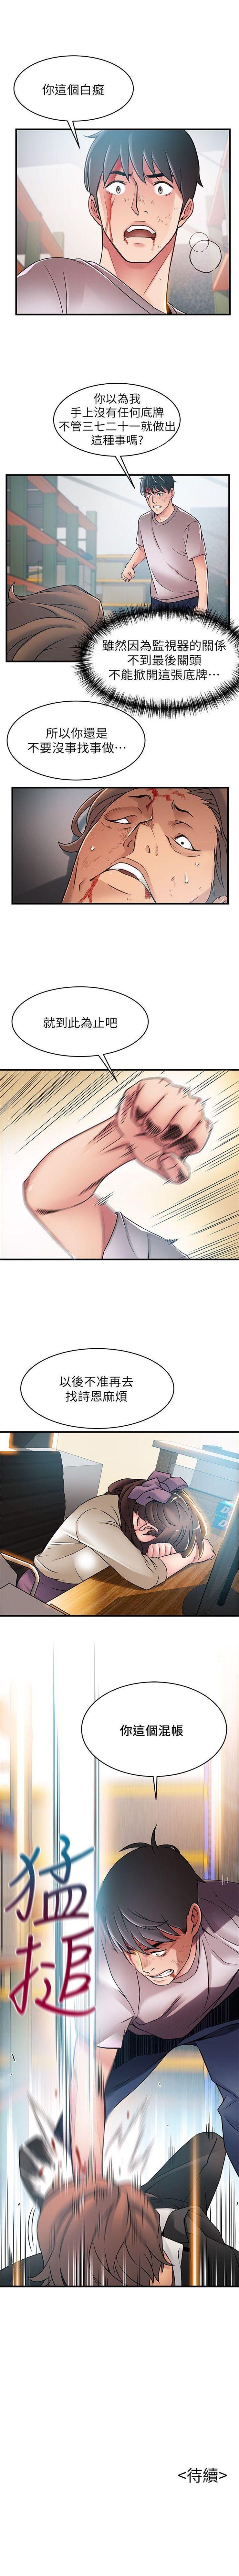 弱点 1-64 中文翻译(更新中) 178